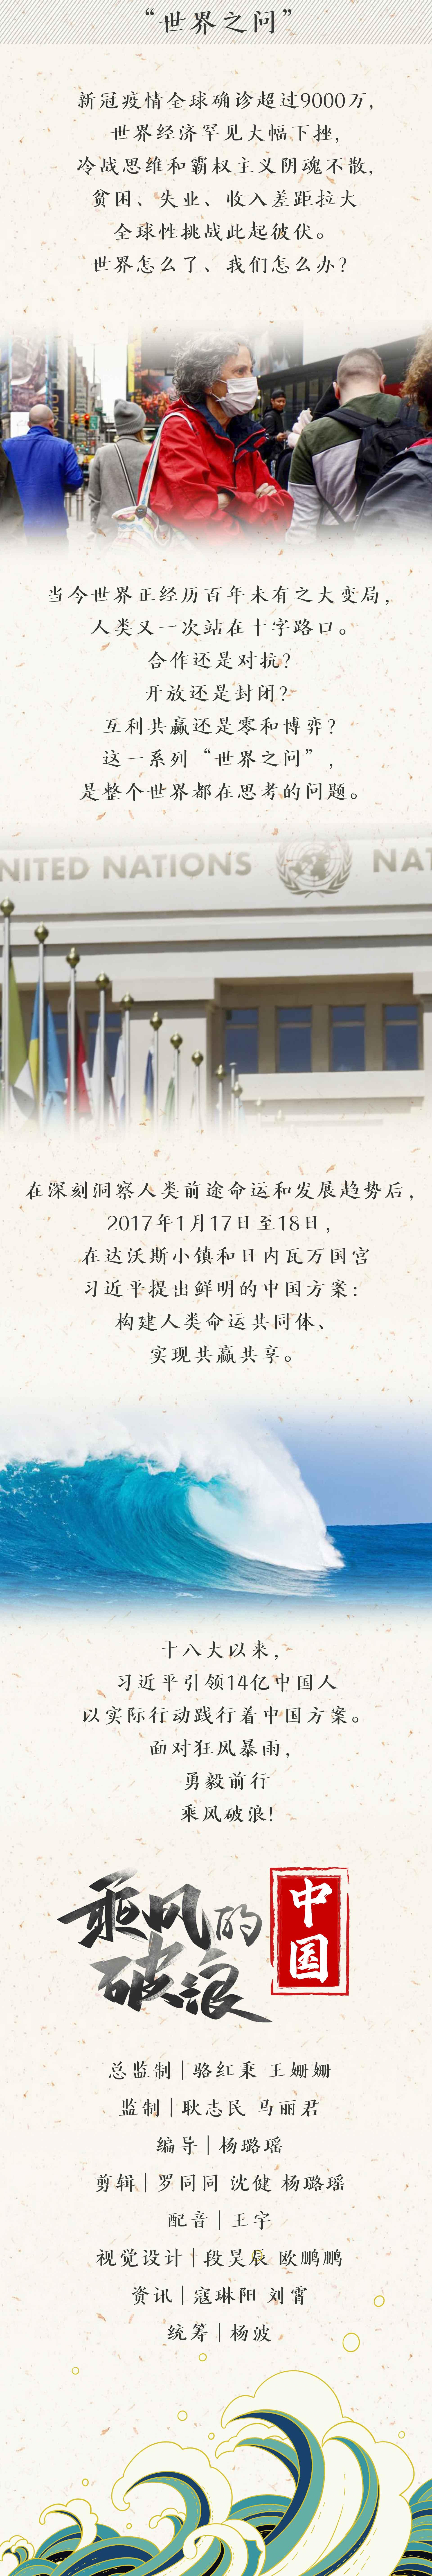 """大道不孤丨破解""""世界之问""""的中国方案"""